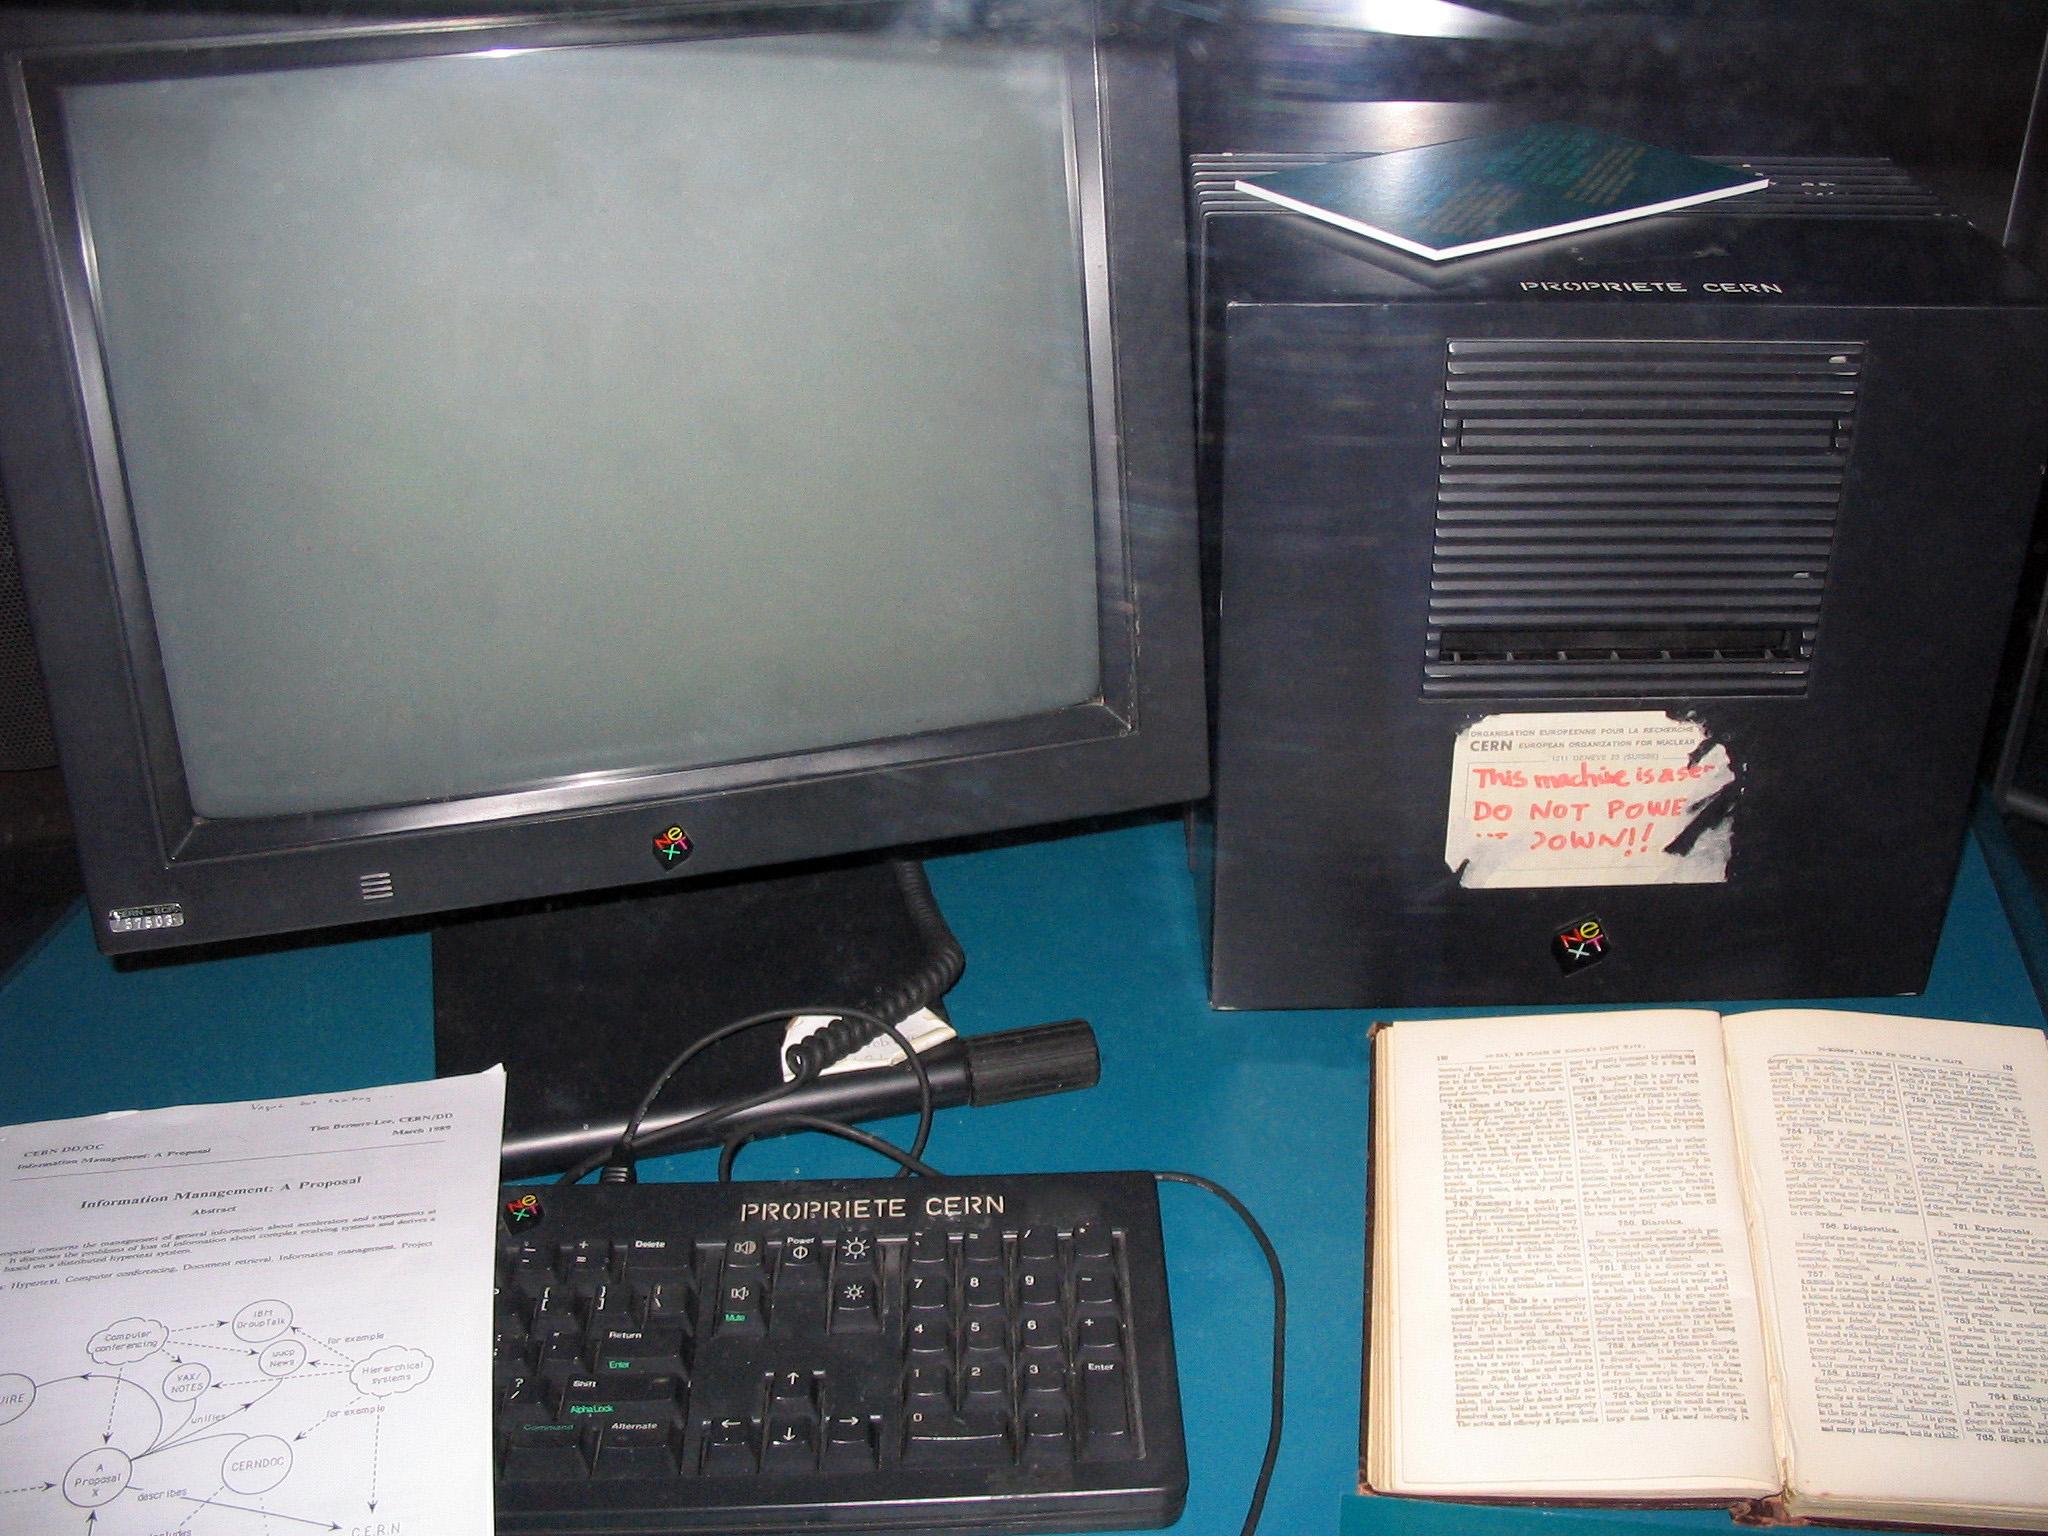 Il Next Cube di Tim Berners-Lee usato come primo Web Server